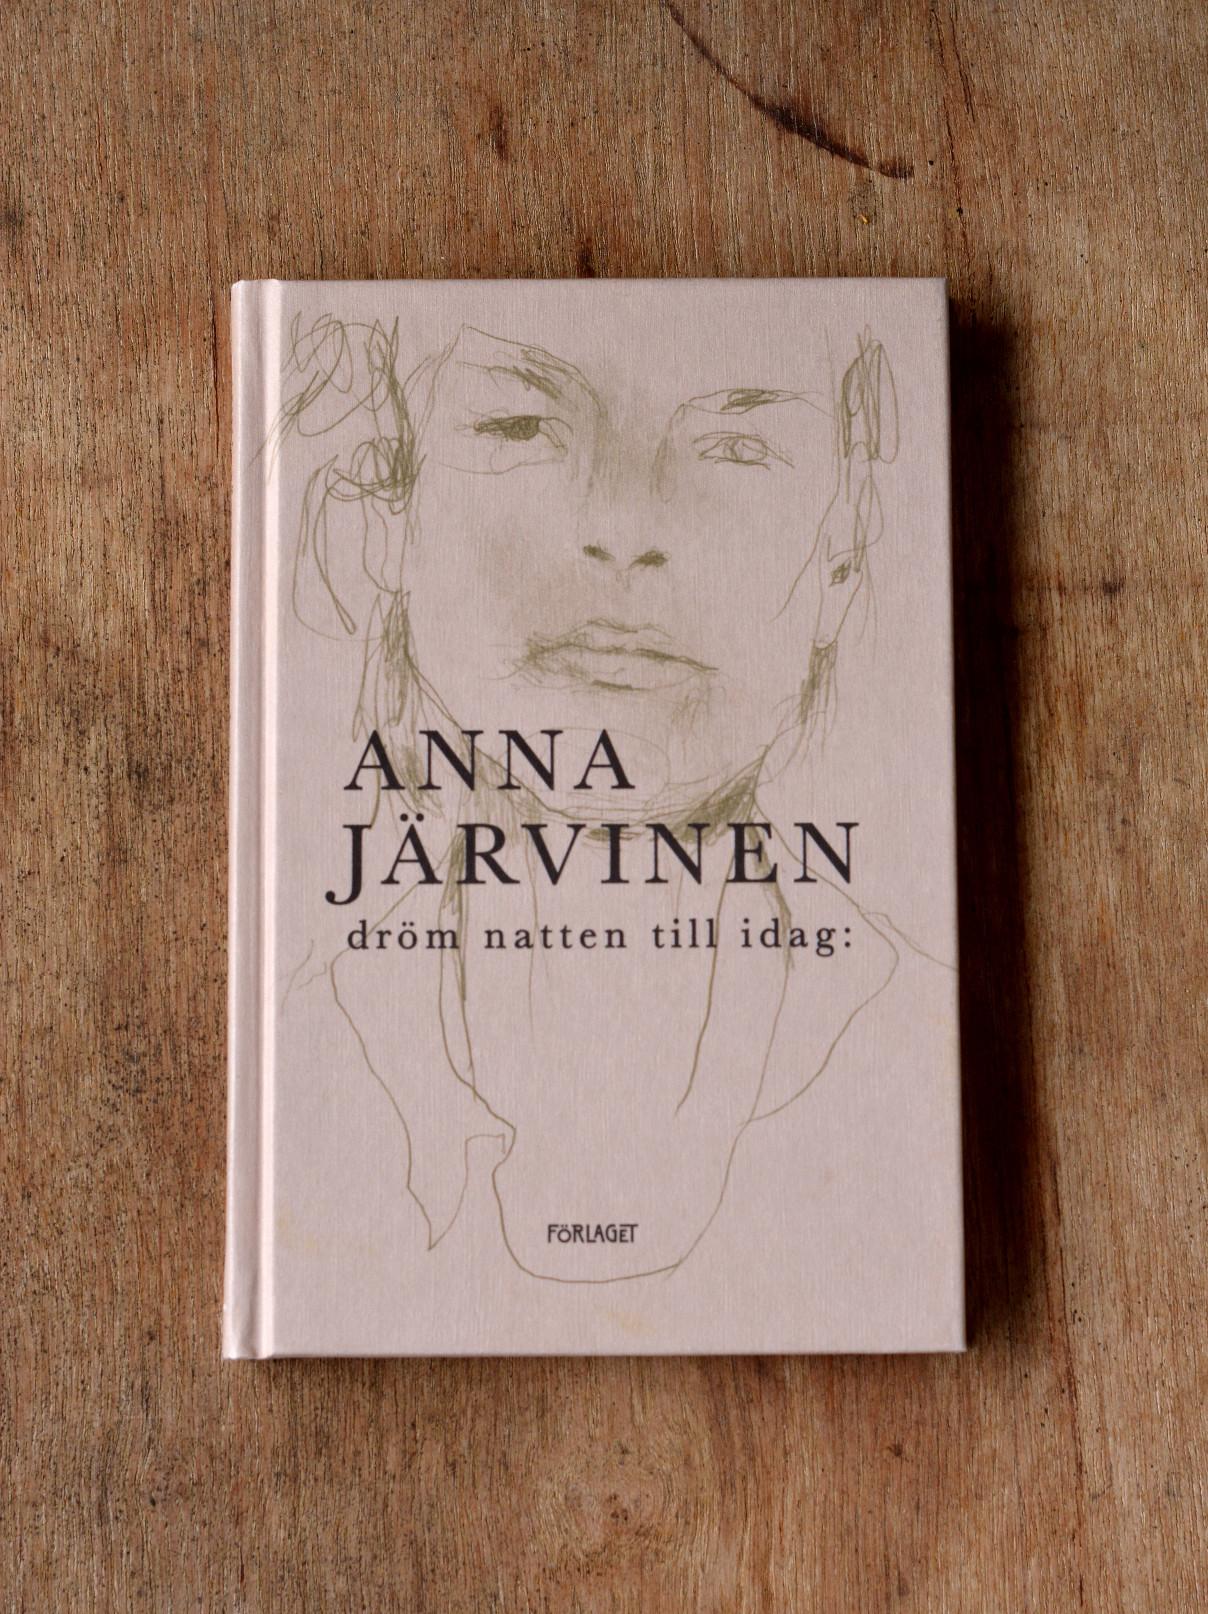 dröm natten till idag av Anna Järvinen